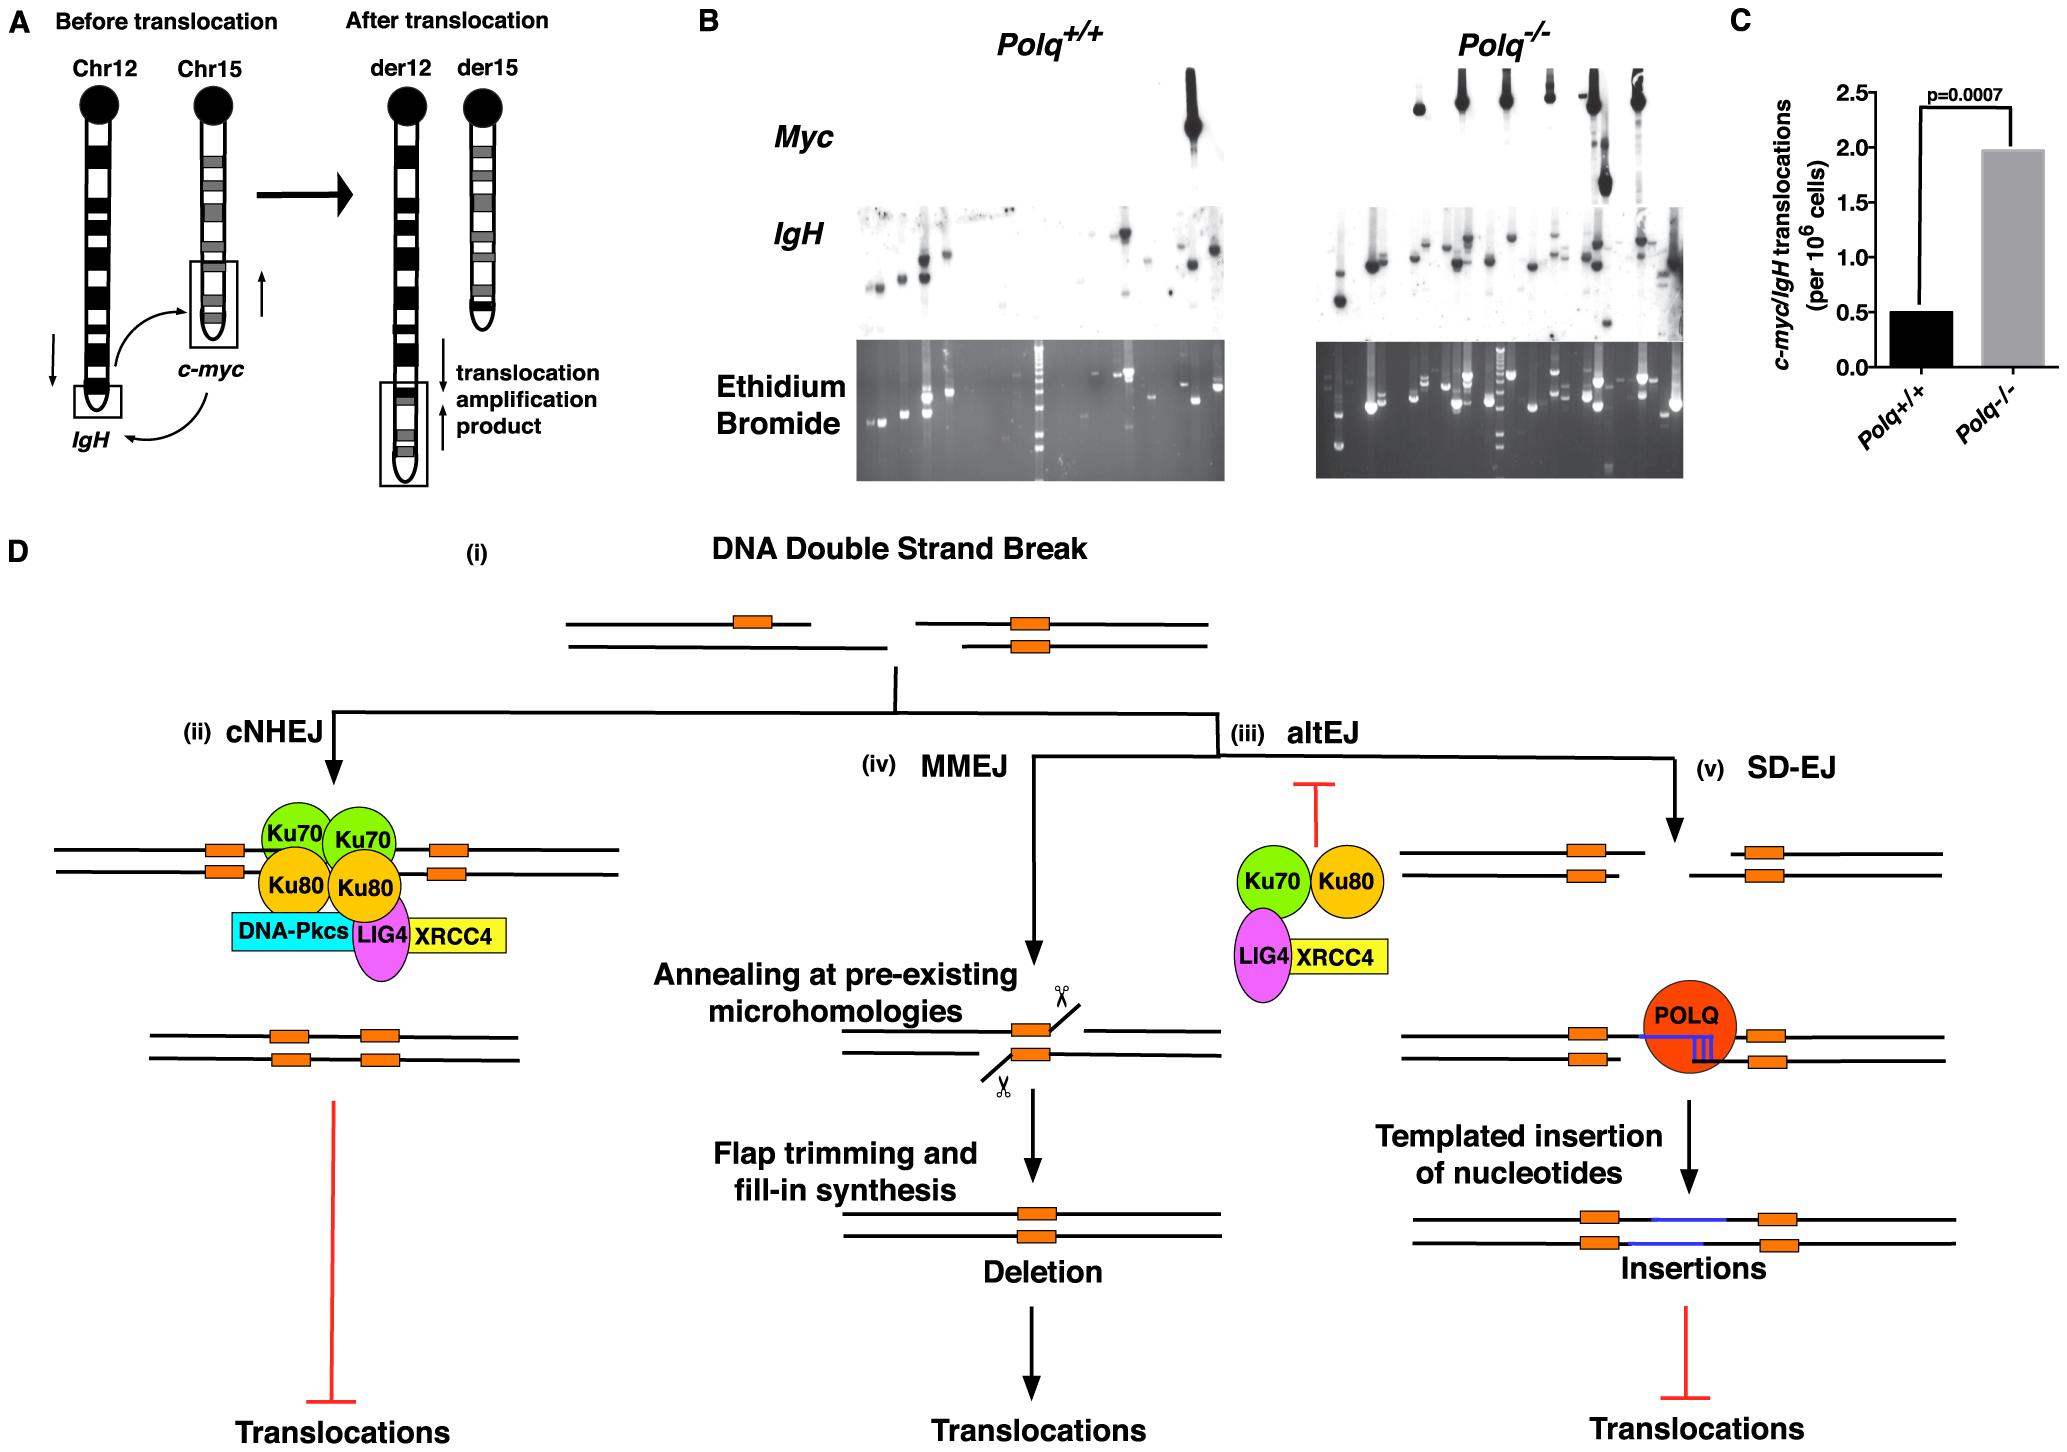 POLQ suppresses chromosomal translocation <i>in vivo</i>.